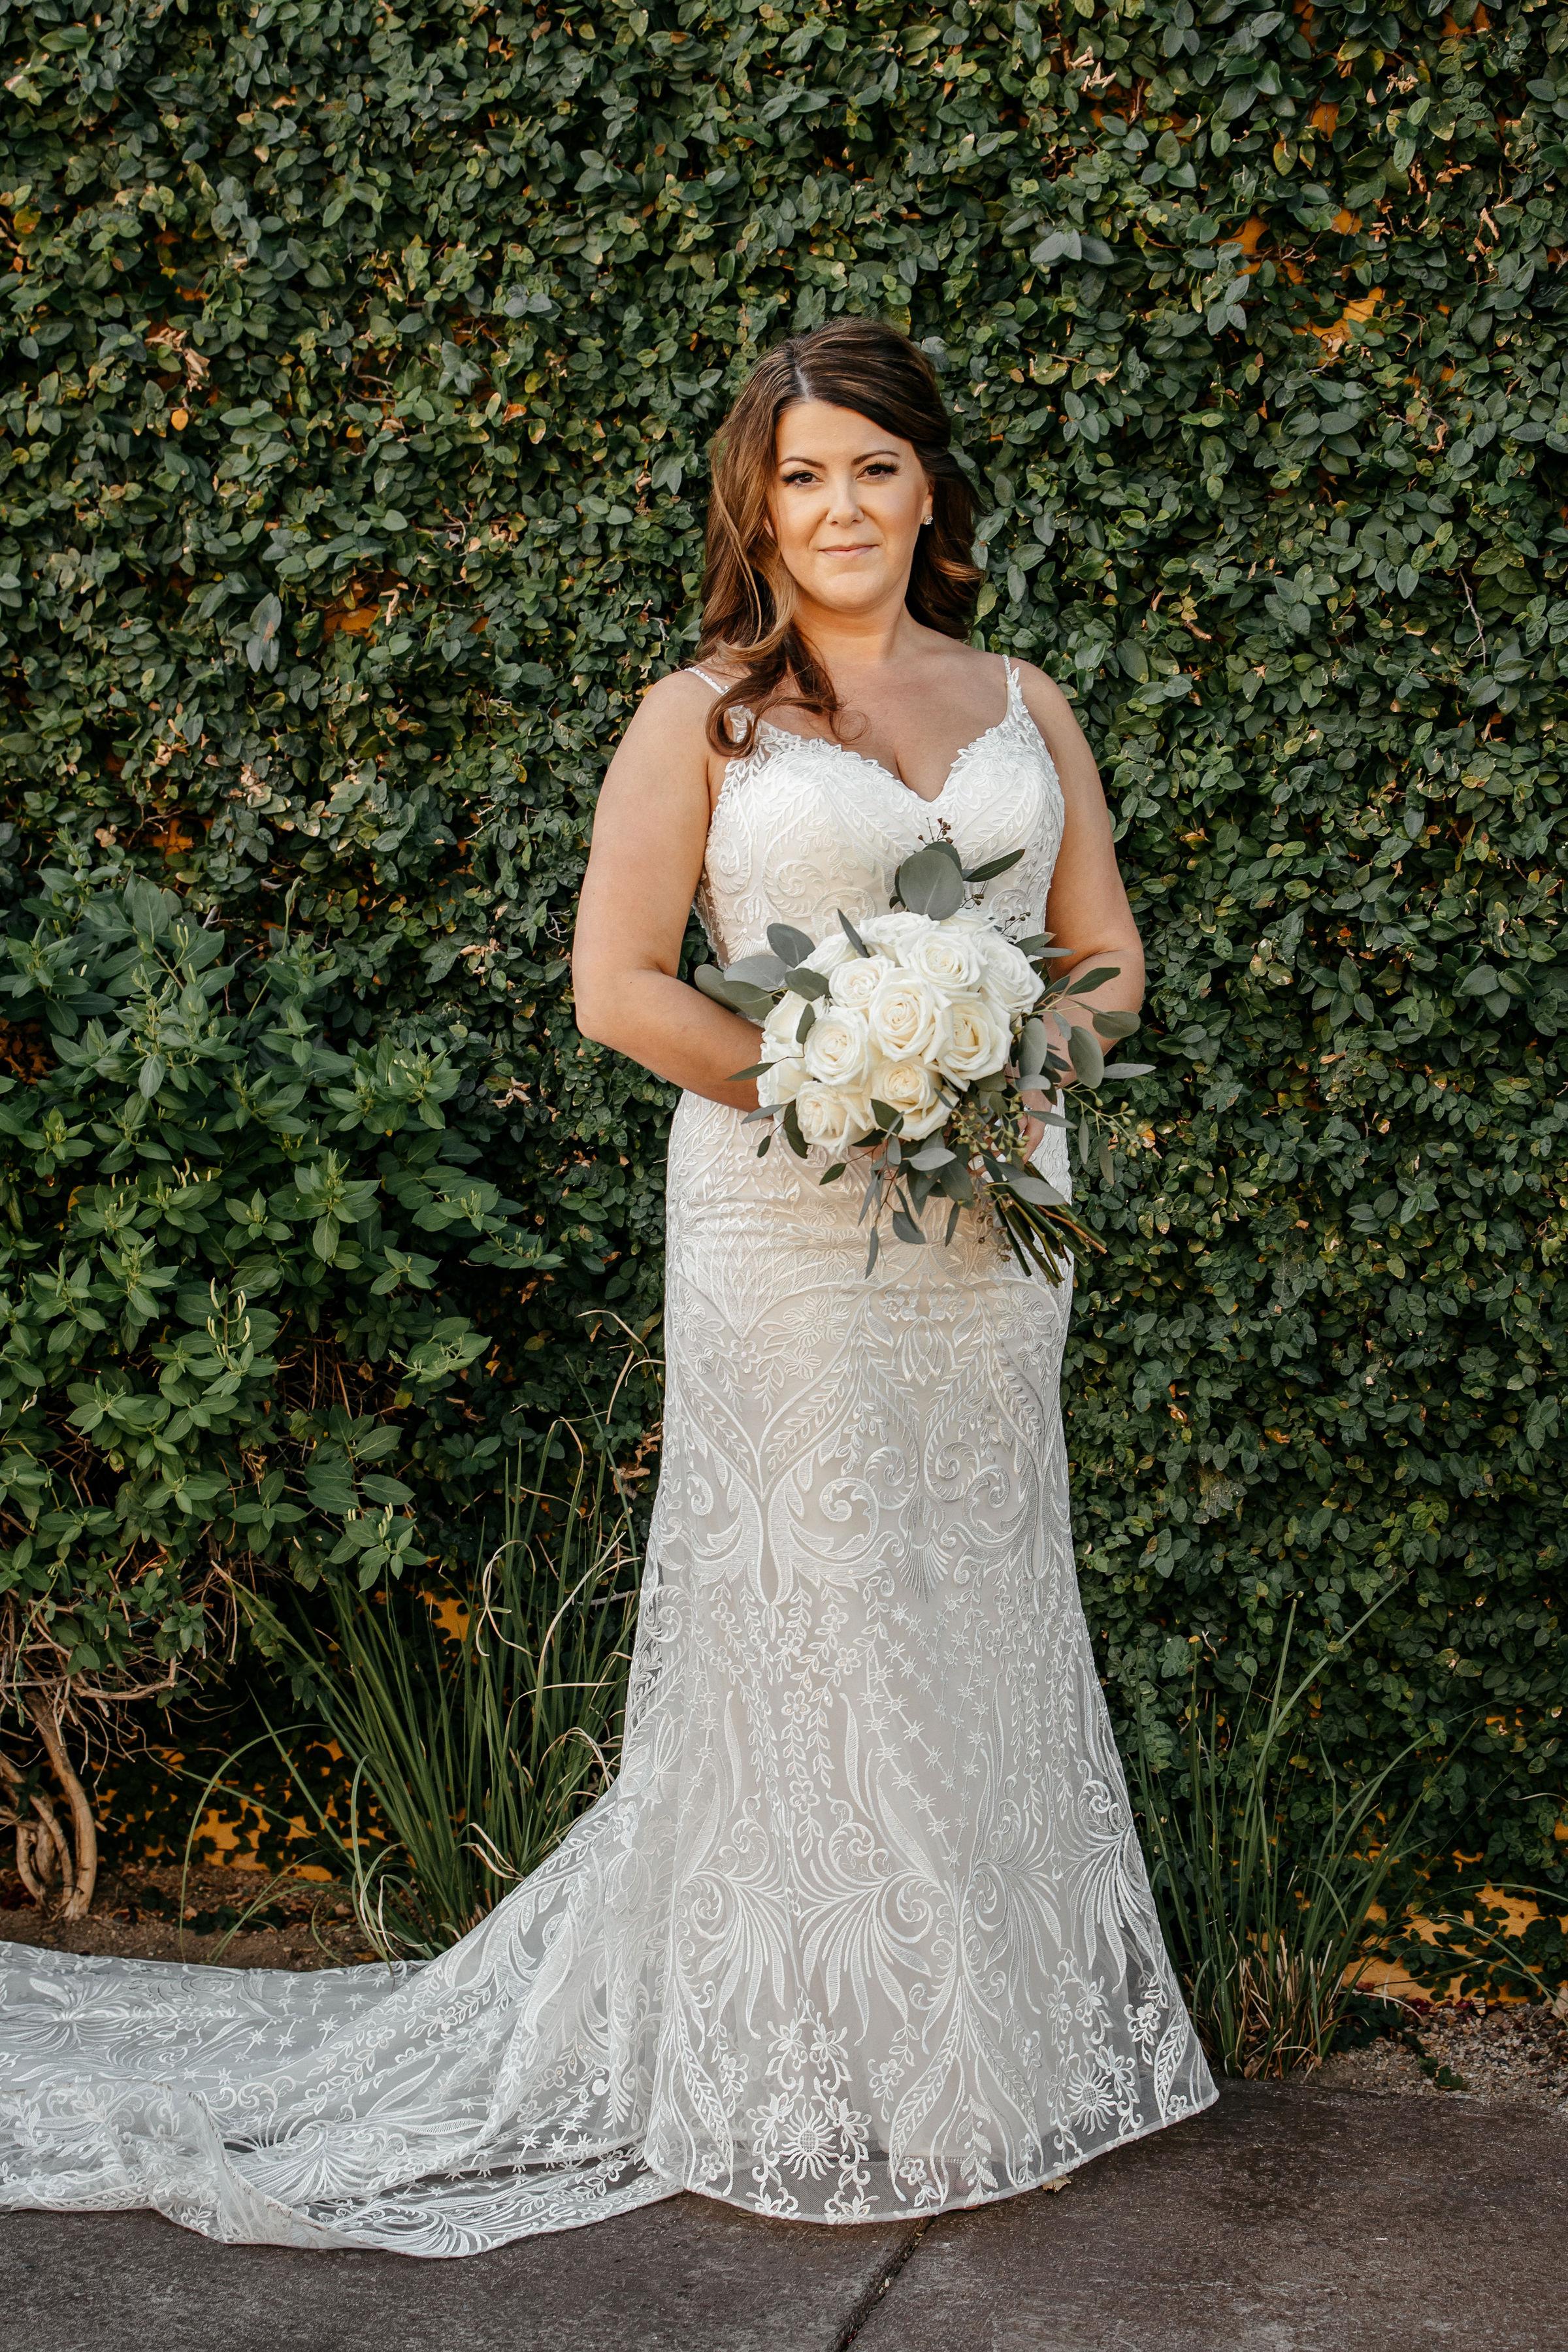 bride portrait with bouquet